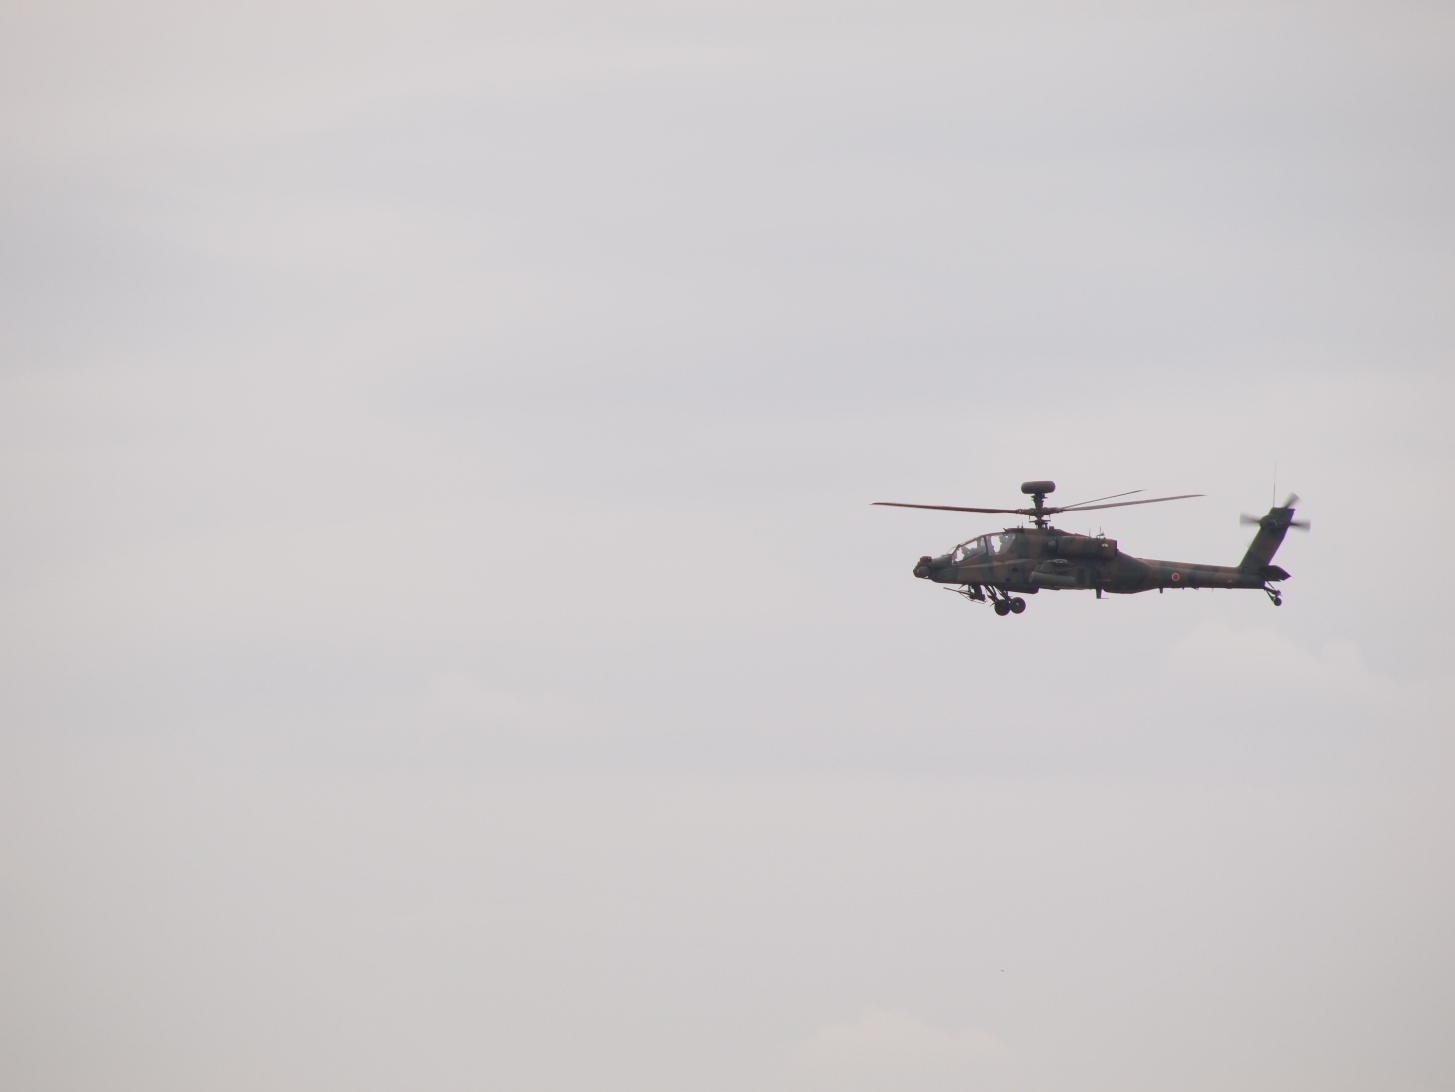 E0517199-11 攻撃ヘリ.JPG